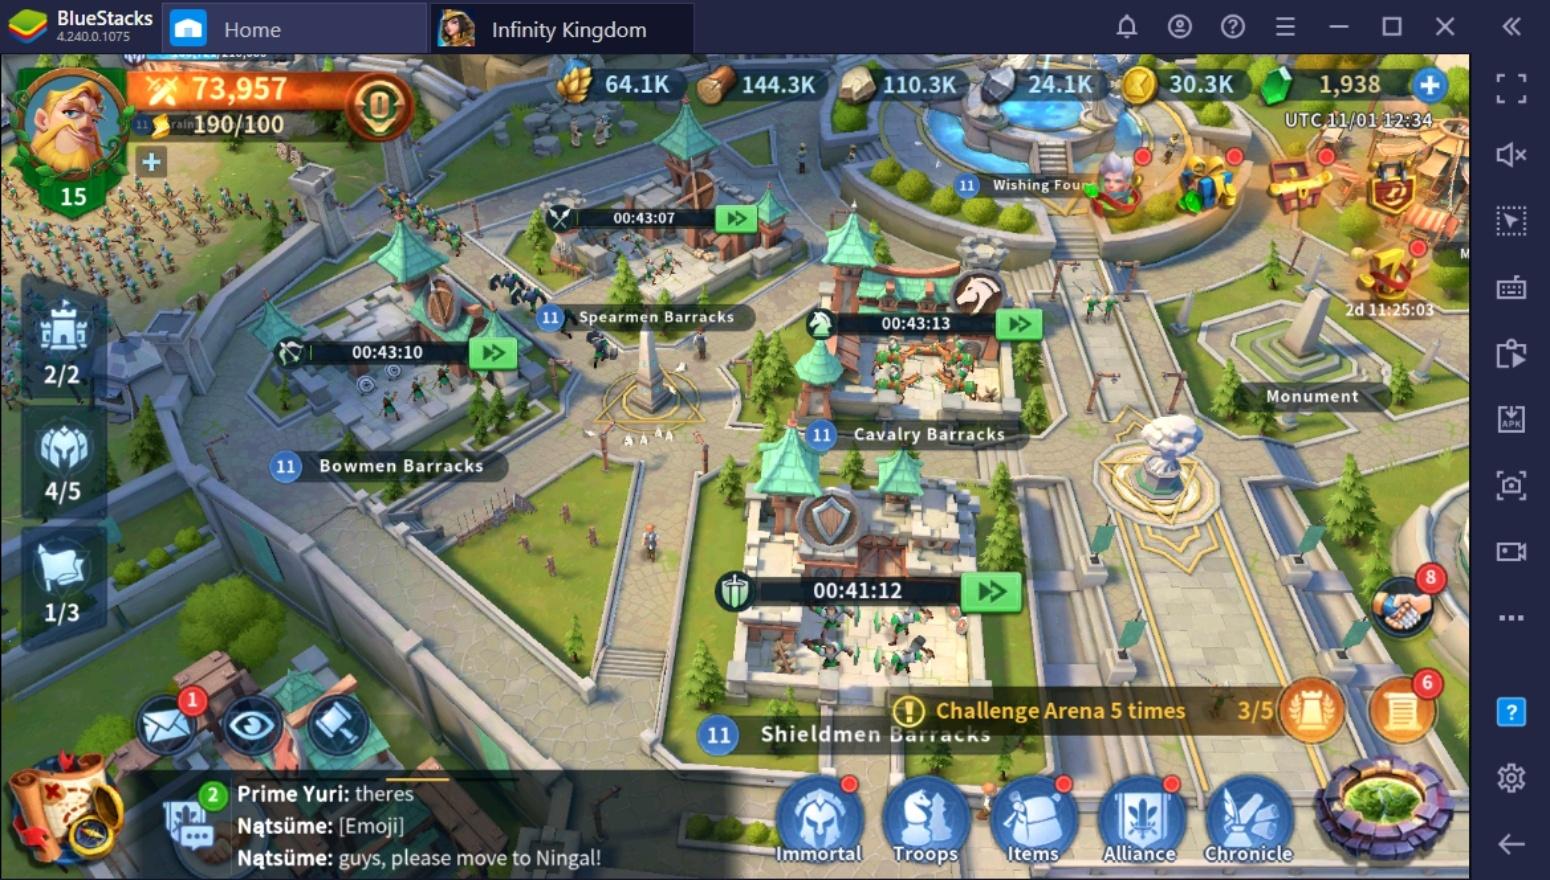 دليل المبتدئين لكي تبدأ باللعب في لعبة Infinity Kingdom على الكمبيوتر الشخصي